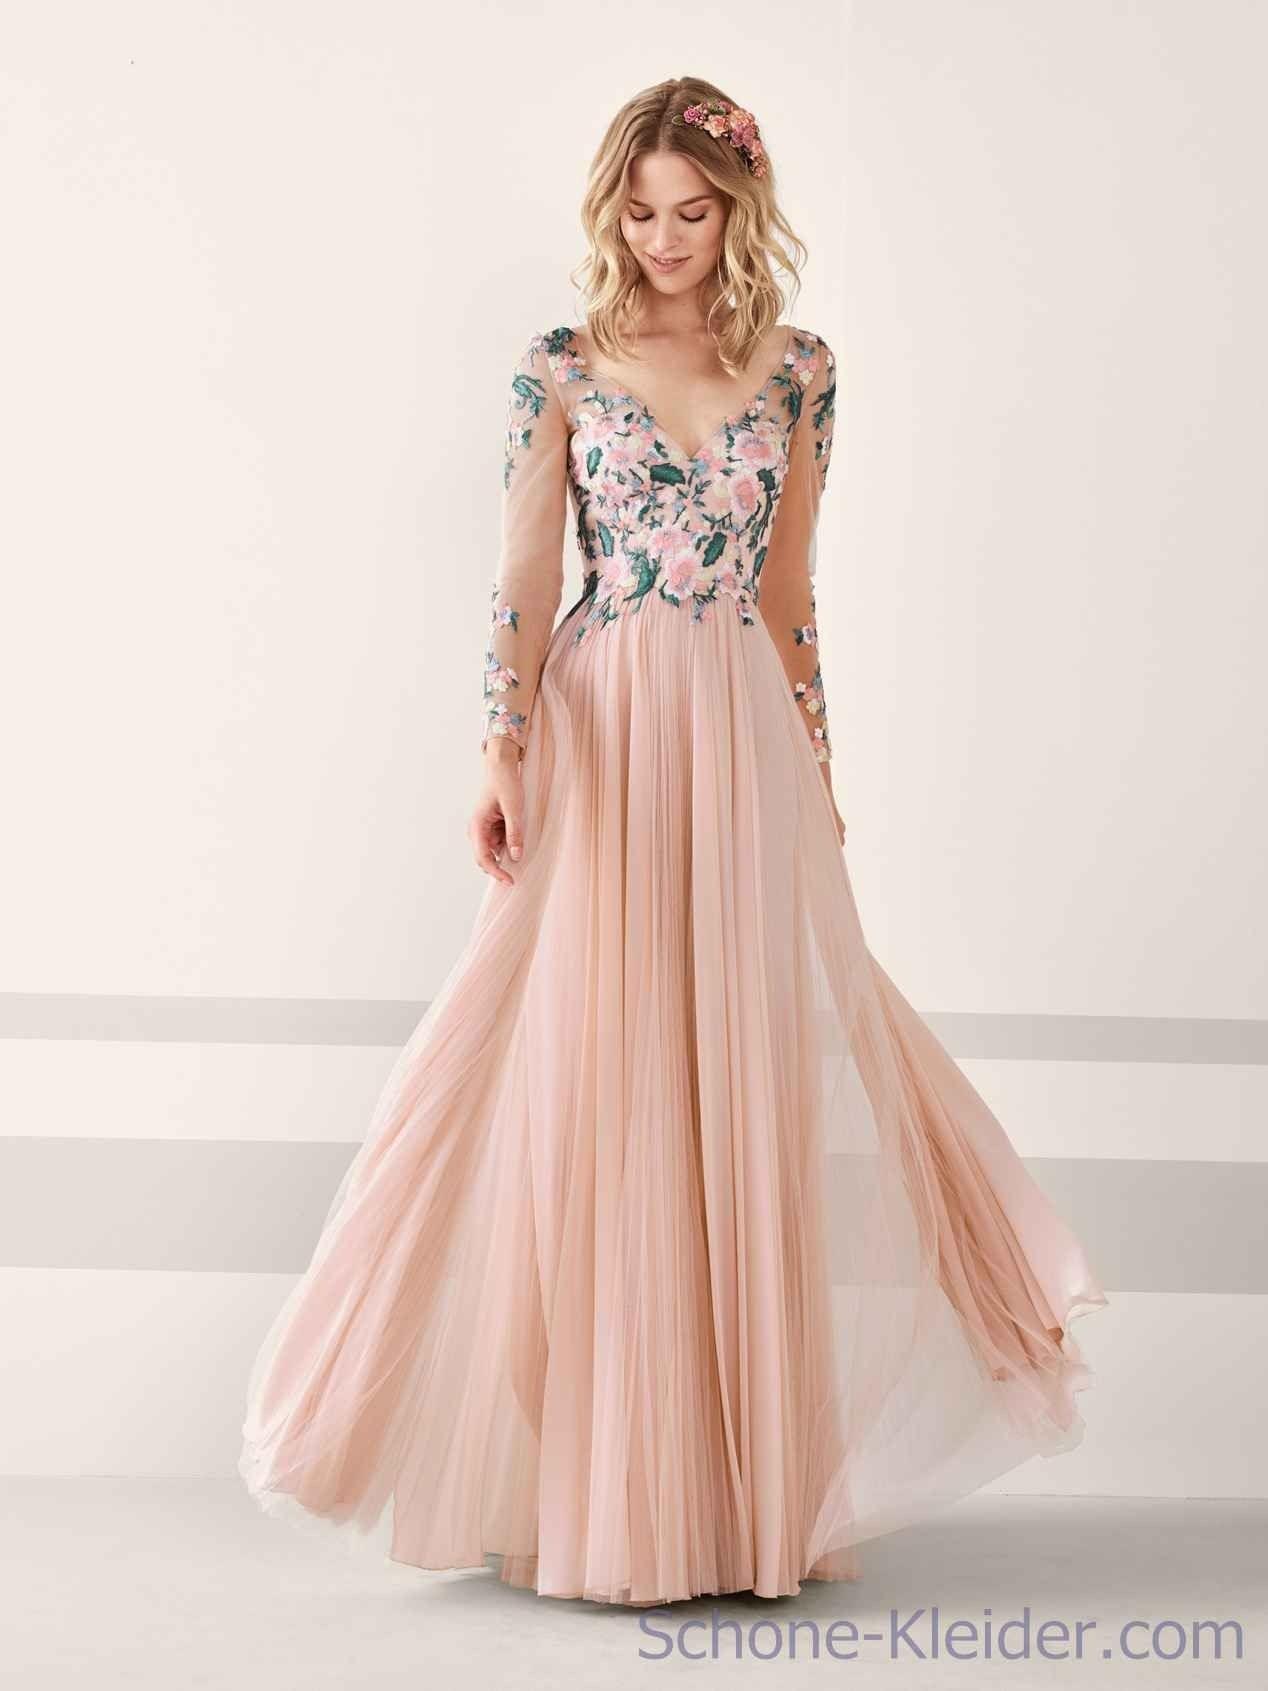 Formal Top Festliche Sommerkleider für 14 - Abendkleid